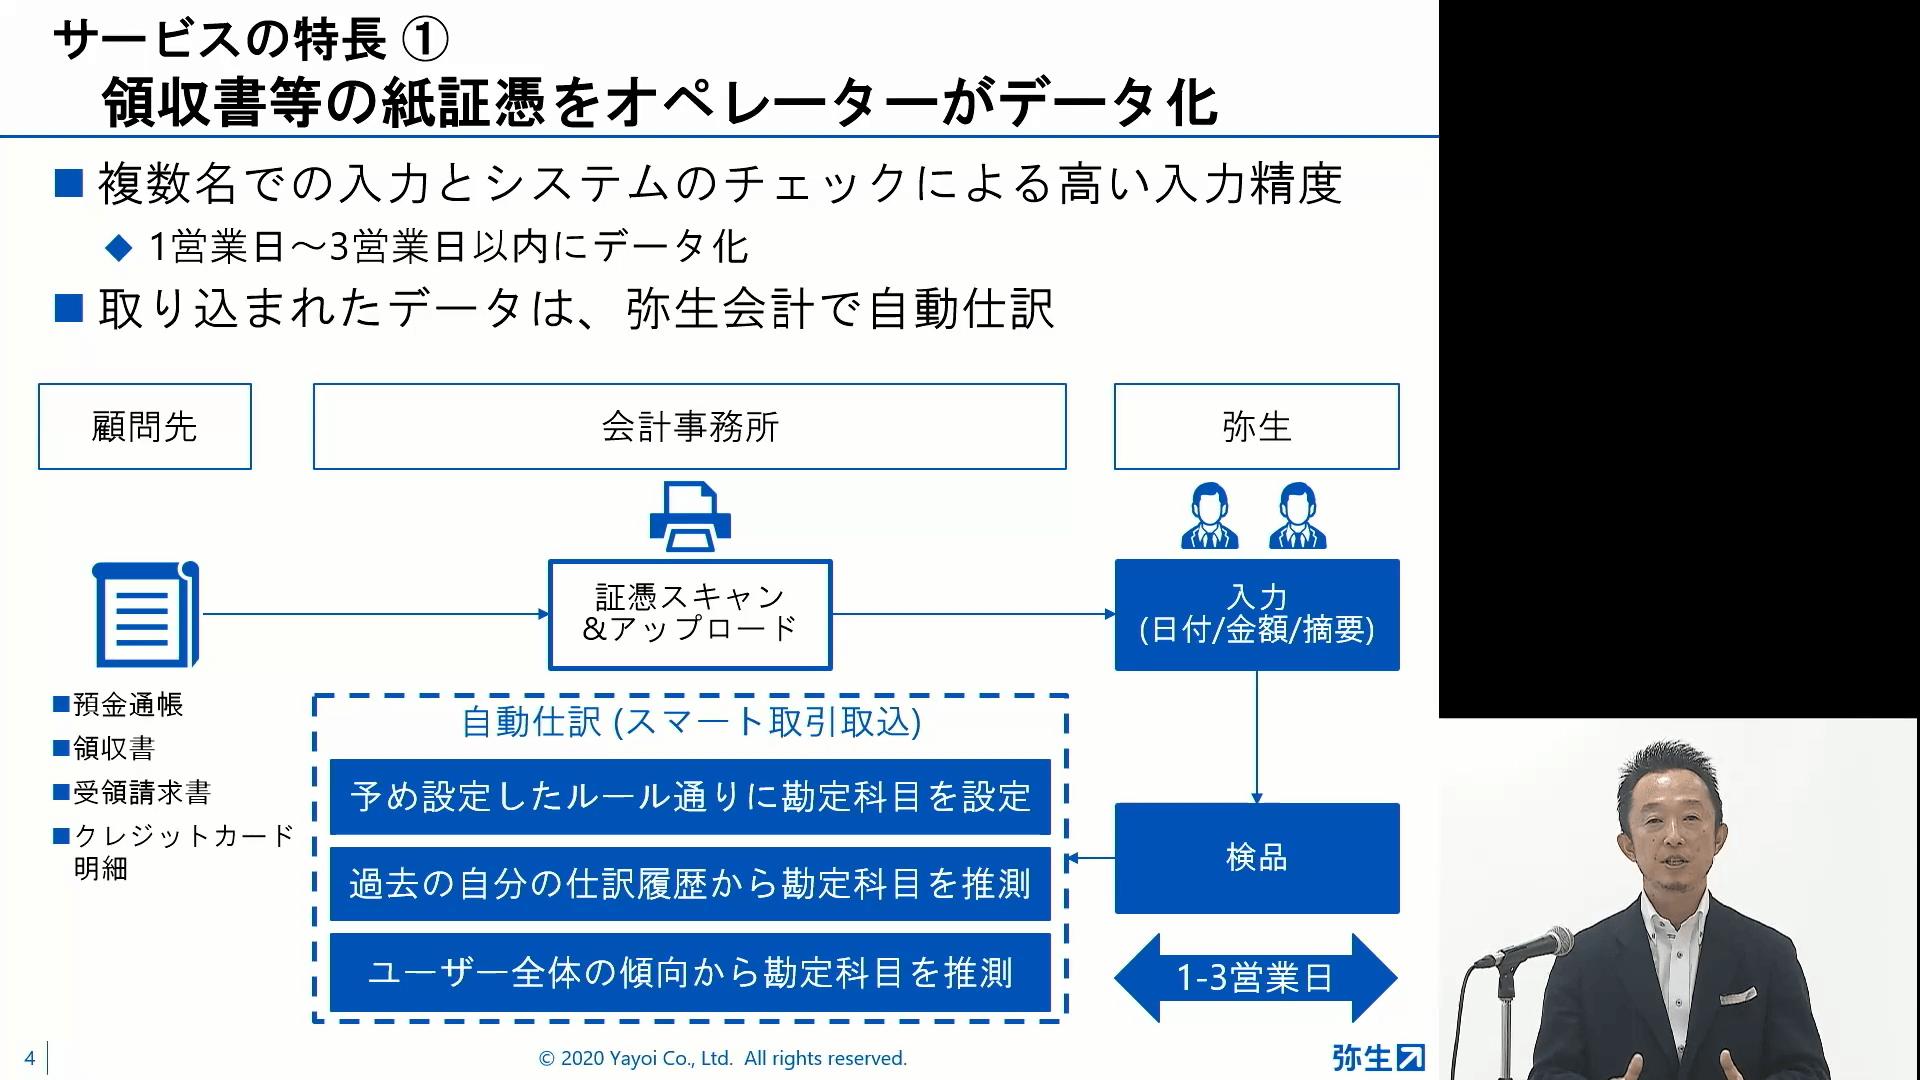 弥生PAPカンファレンス2020秋 弥生の記帳代行支援サービス